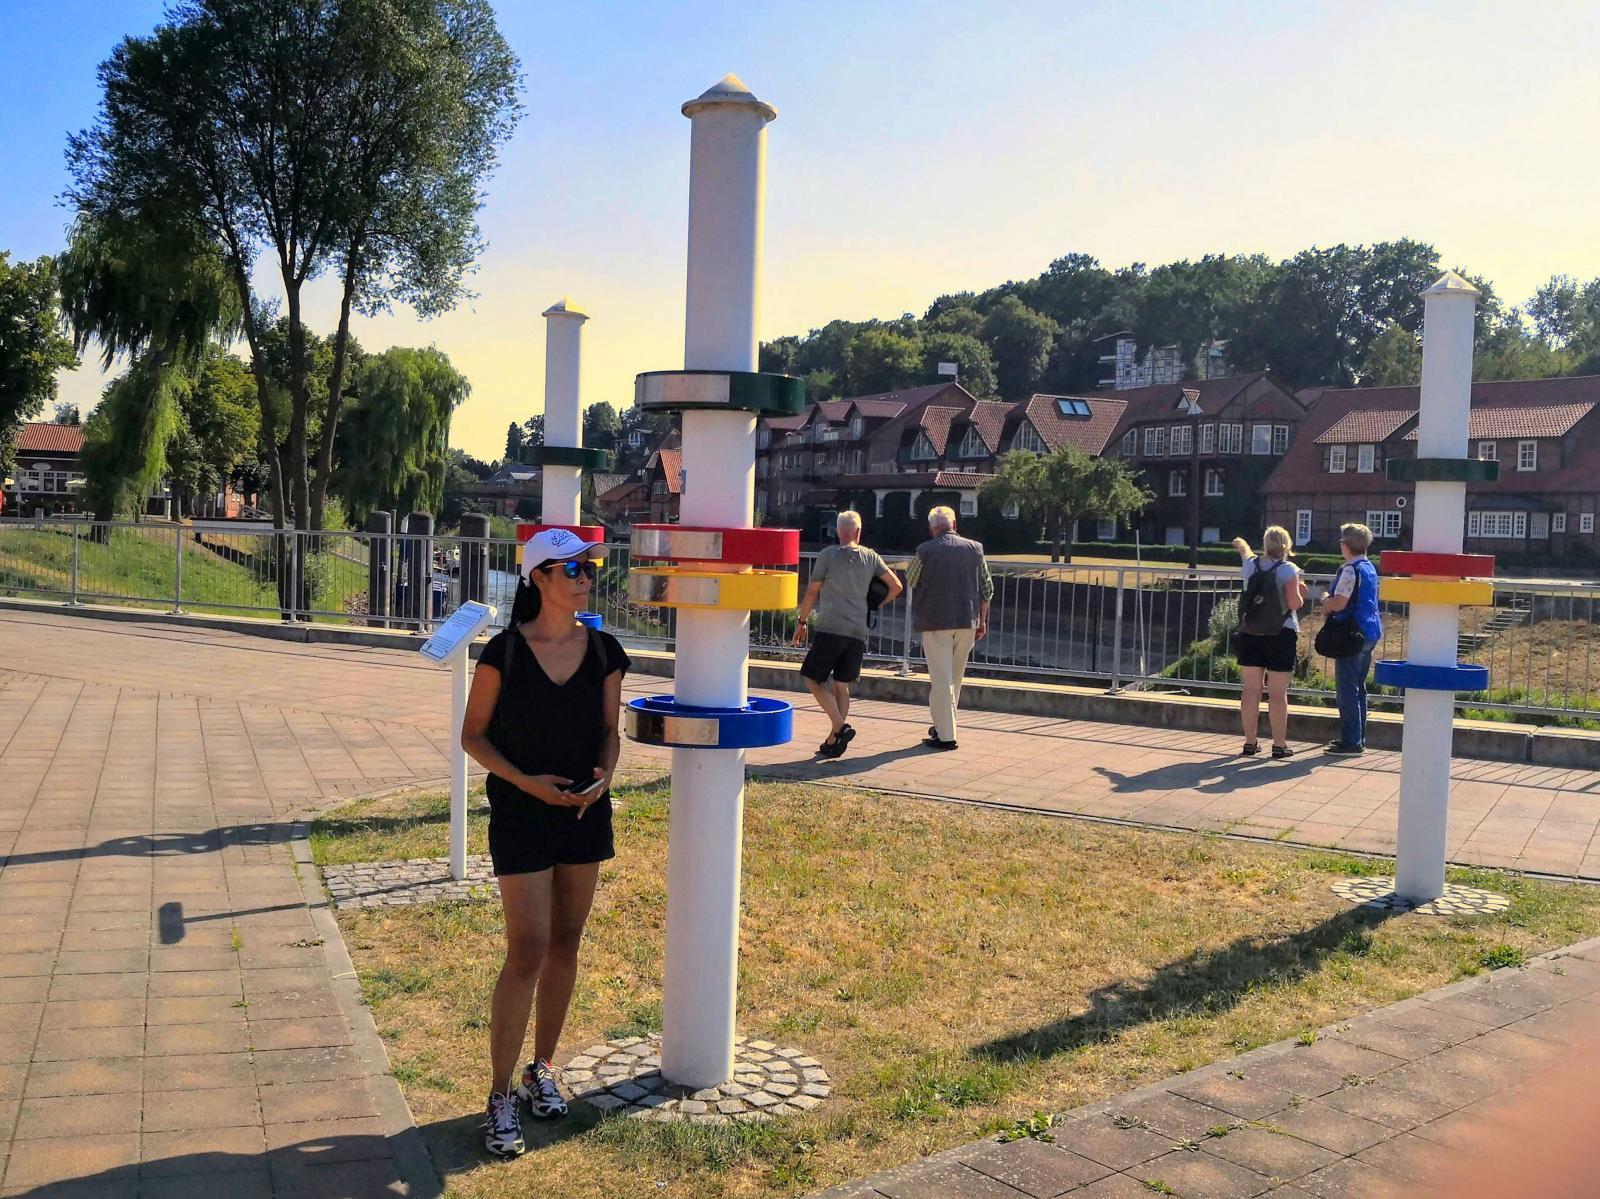 Rekorden i vattenstånd markeras på skyltar. Vid vårt besök syns knappt vattnet i bakgrunden.